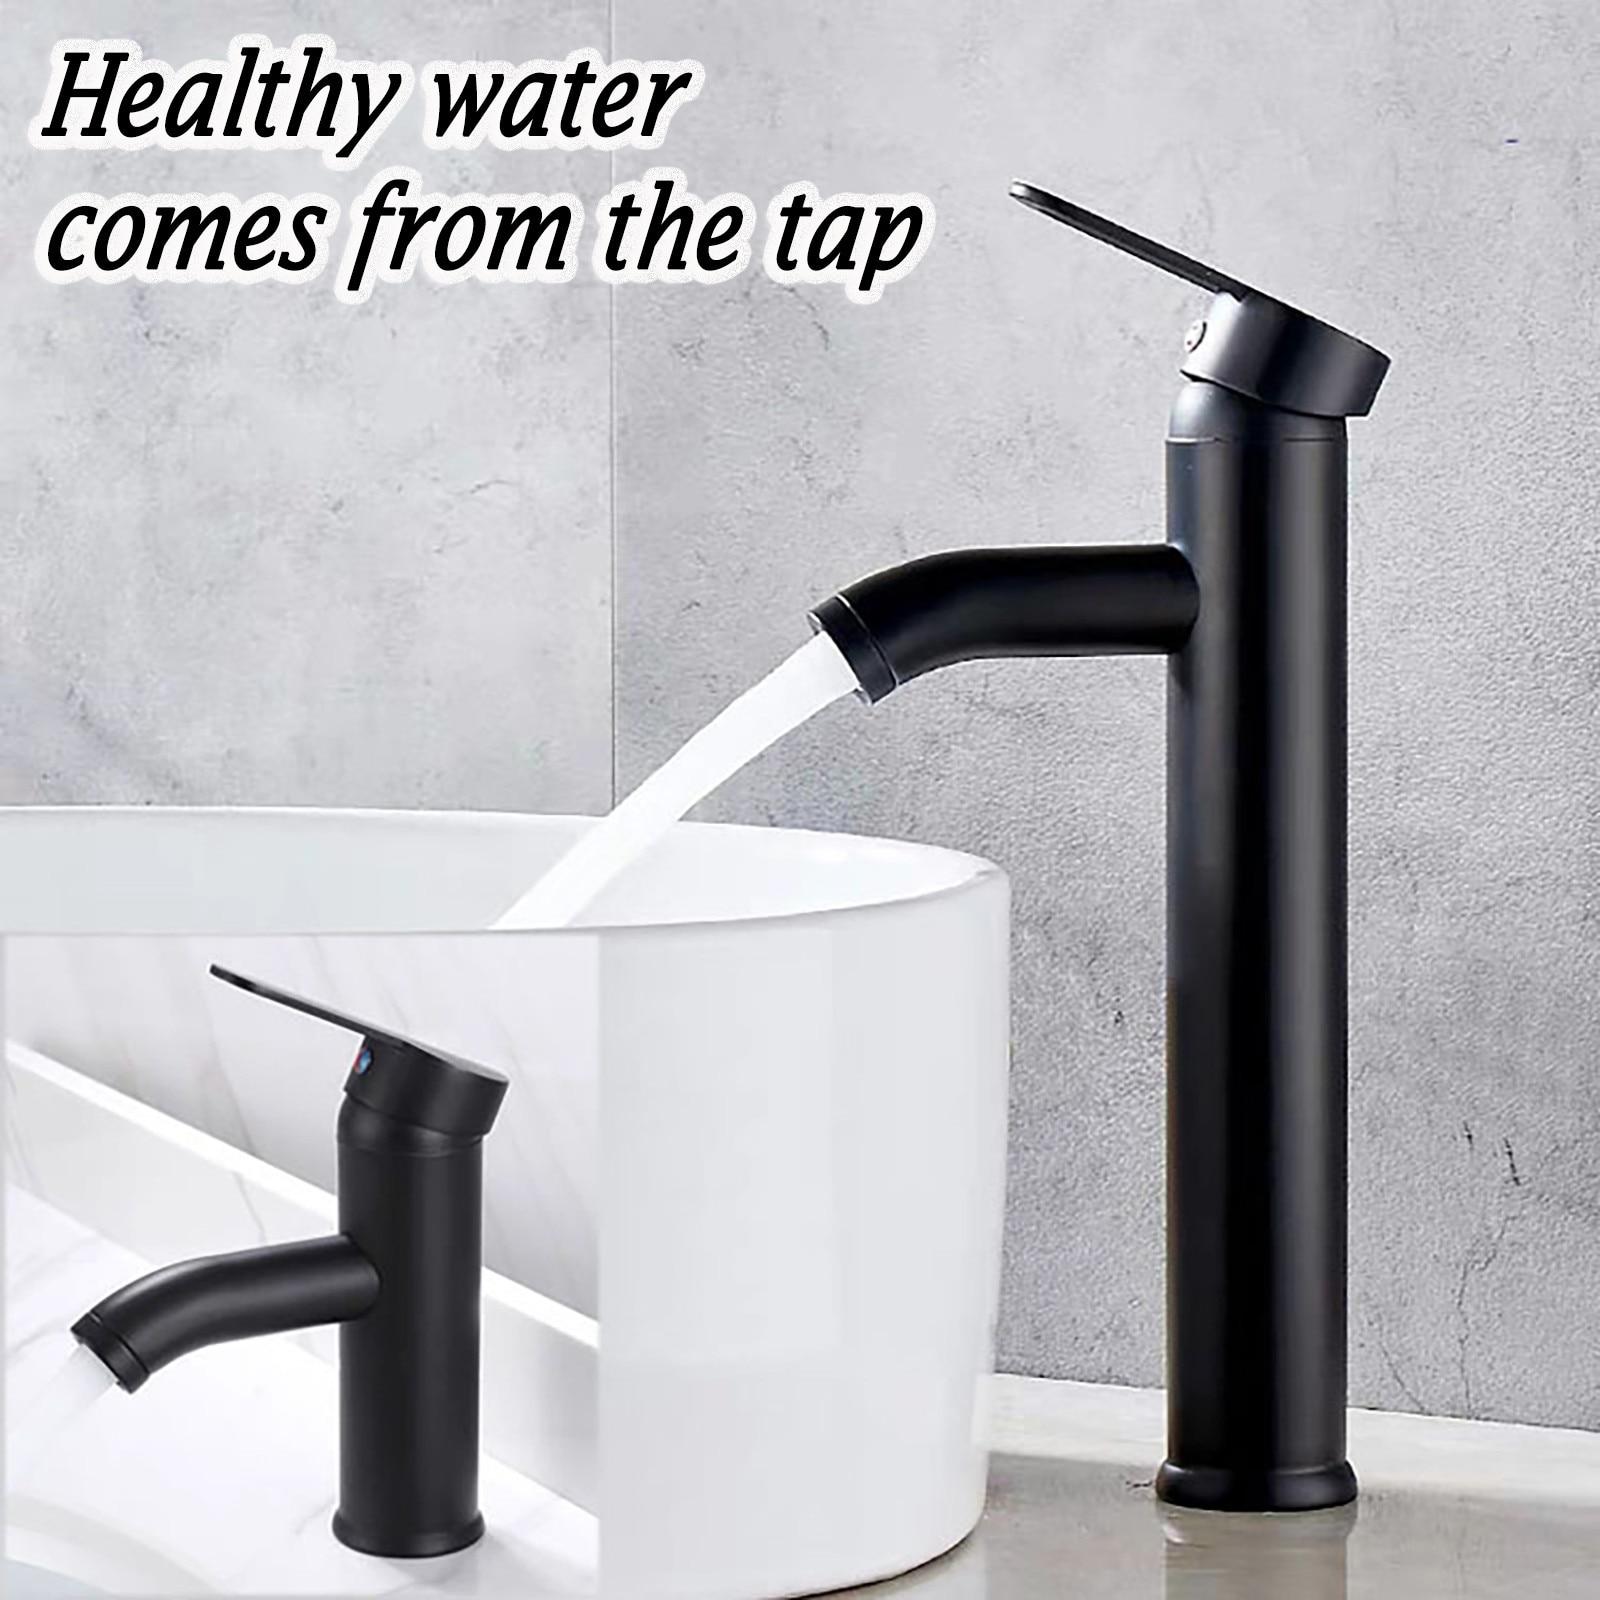 Preto fosco torneira da pia do banheiro único punho design fosco quente e fria wate elegante lavatório torneira misturadora da bacia